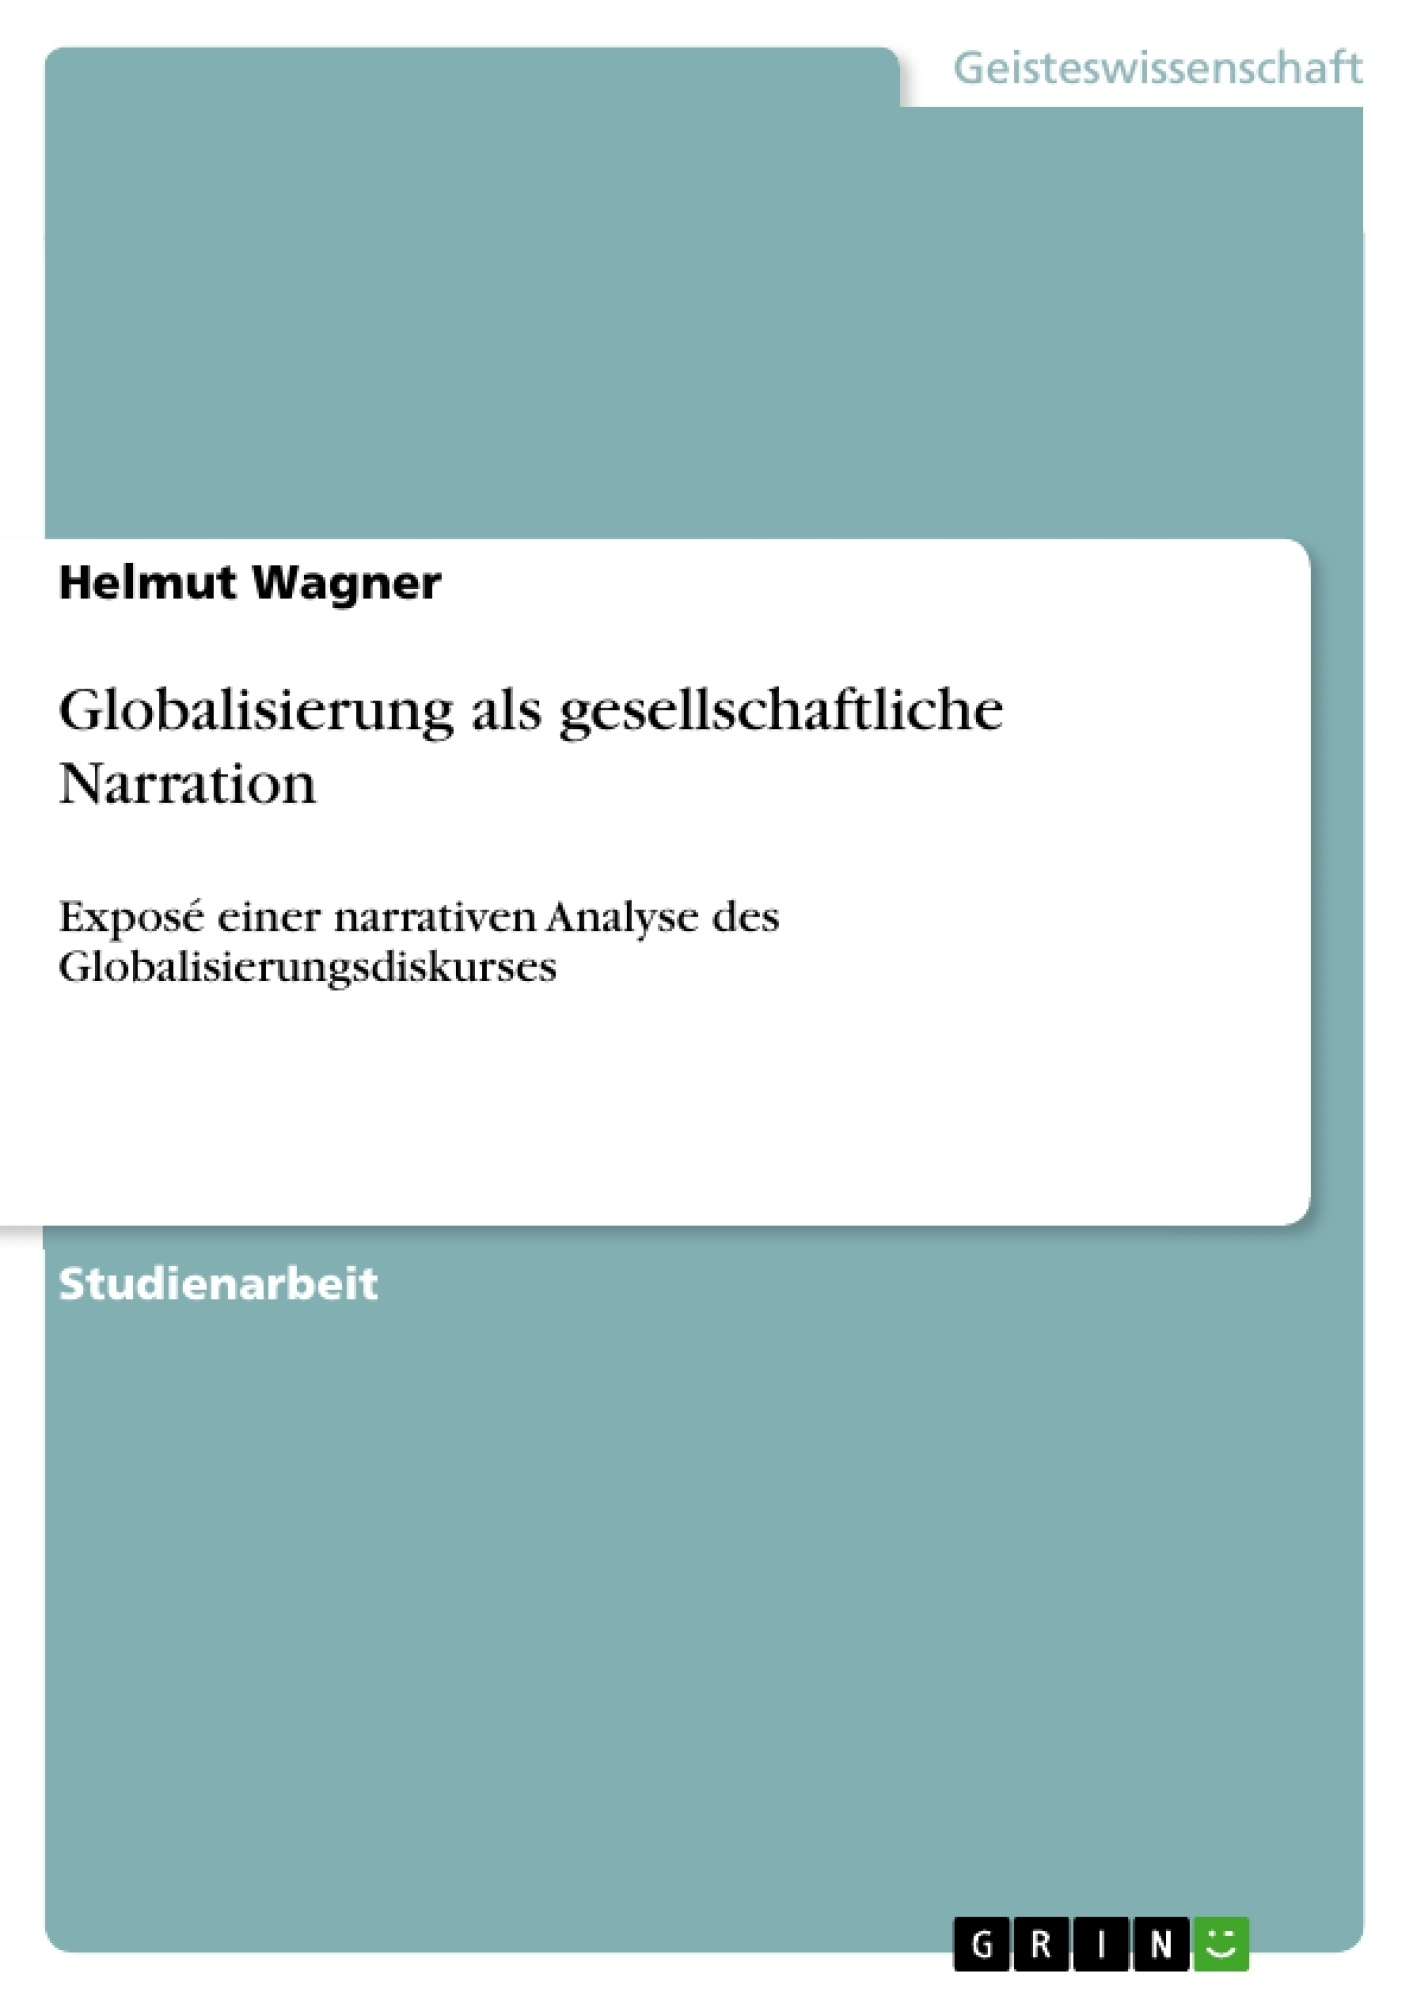 Titel: Globalisierung als gesellschaftliche Narration